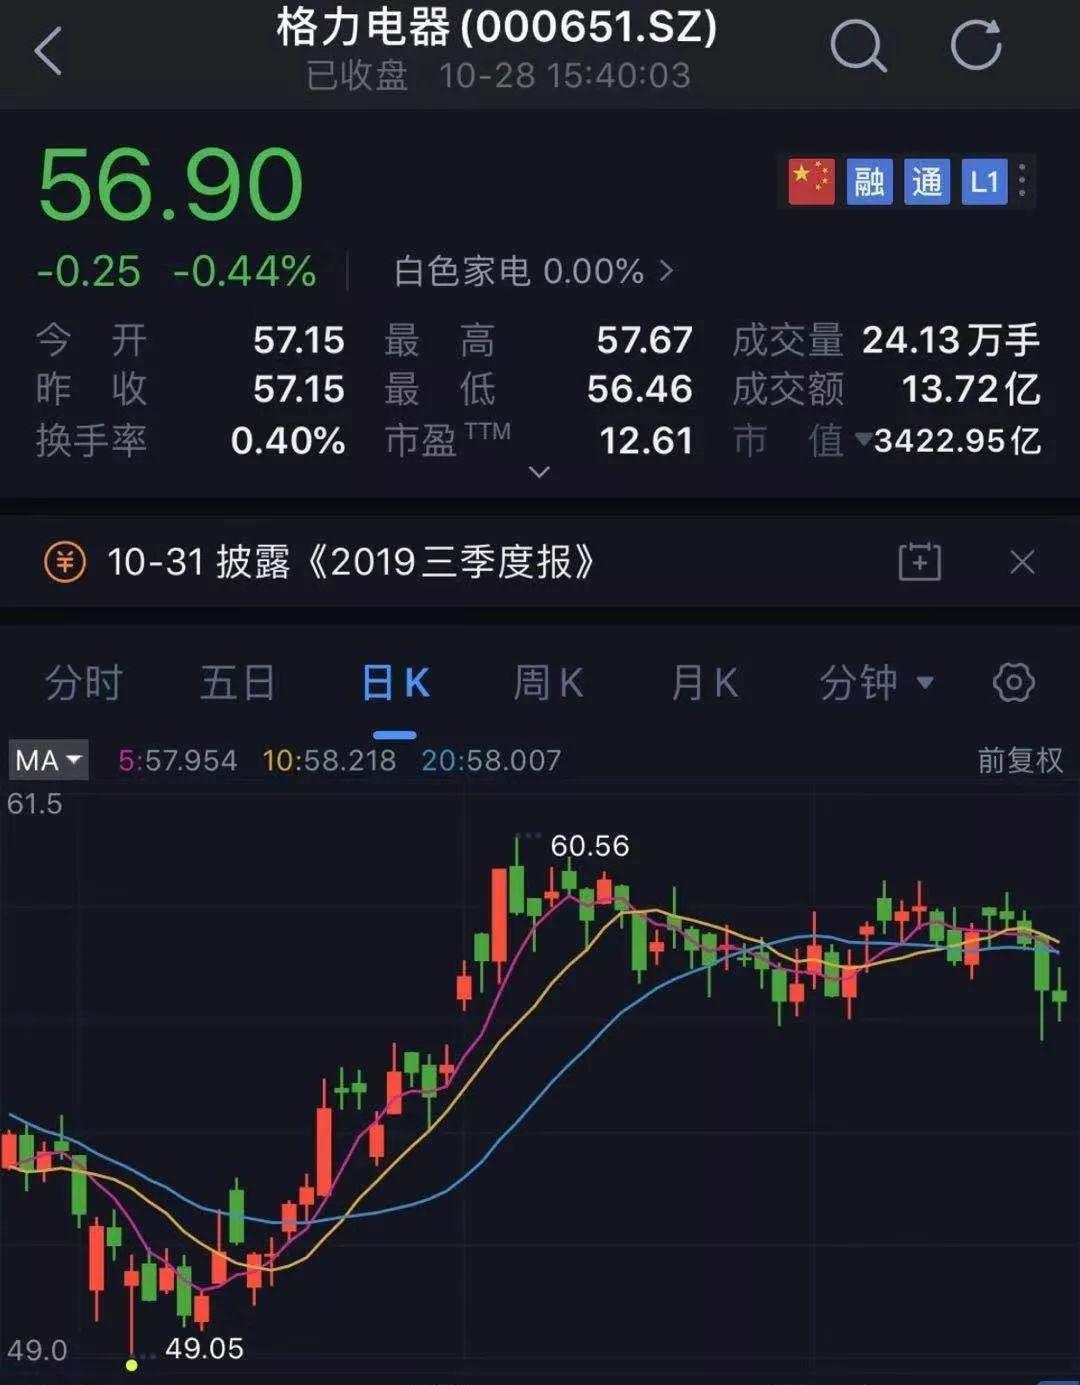 联合博娱乐场游戏网-广博控股拟转让昆仑信托5%股权 质押股权仍背债3.8亿